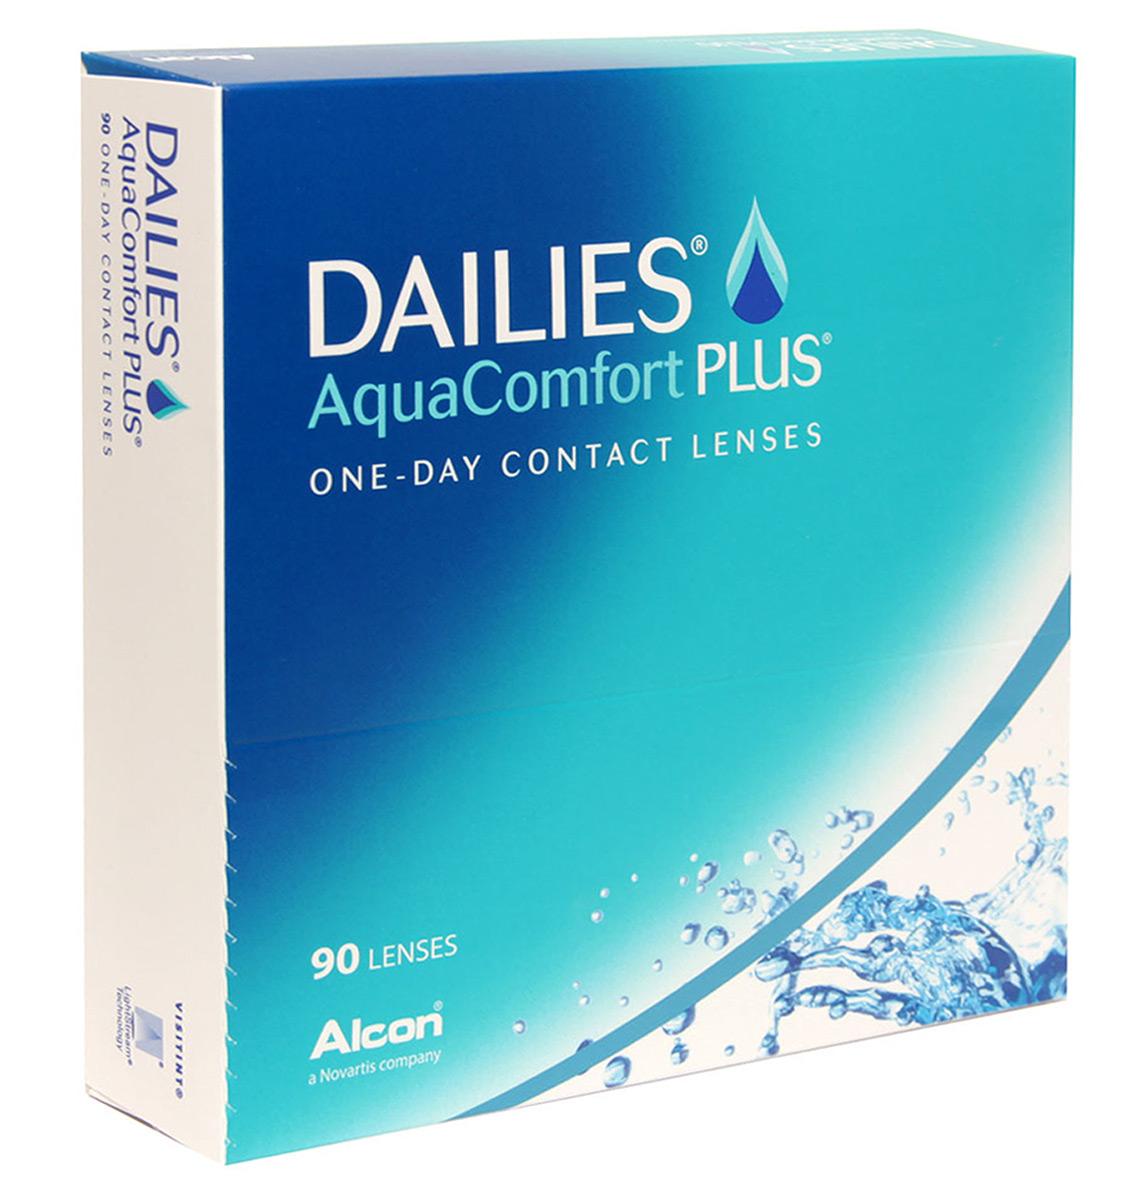 Alcon-CIBA Vision контактные линзы Dailies AquaComfort Plus (90шт / 8.7 / 14.0 / +4.00)38357Dailies Aqua Comfort Plus (90 блистеров) – это одни из самых популярных однодневных линз производства компании CIBA VISION. Эти линзы пользуются огромной популярностью во всем мире и являются на сегодняшний день самыми безопасными контактными линзами. Изготавливаются линзы из современного, 100% безопасного материала нелфилкон А. Особенность этого материала в том, что он легко пропускает воздух и хорошо сохраняет влагу. Однодневные контактные линзы Dailies Aqua Comfort Plus не нуждаются в дополнительном уходе и затратах, каждый день вы надеваете свежую пару линз. Дизайн линзы биосовместимый, что гарантирует безупречный комфорт. Самое главное достоинство Dailies Aqua Comfort Plus – это их уникальная система увлажнения. Благодаря этой разработке линзы увлажняются тремя различными агентами. Первый компонент, ухаживающий за линзами, находится в растворе, он как бы обволакивает линзу, обеспечивая чрезвычайно комфортное надевание. Второй агент выделяется на протяжении всего дня, он...